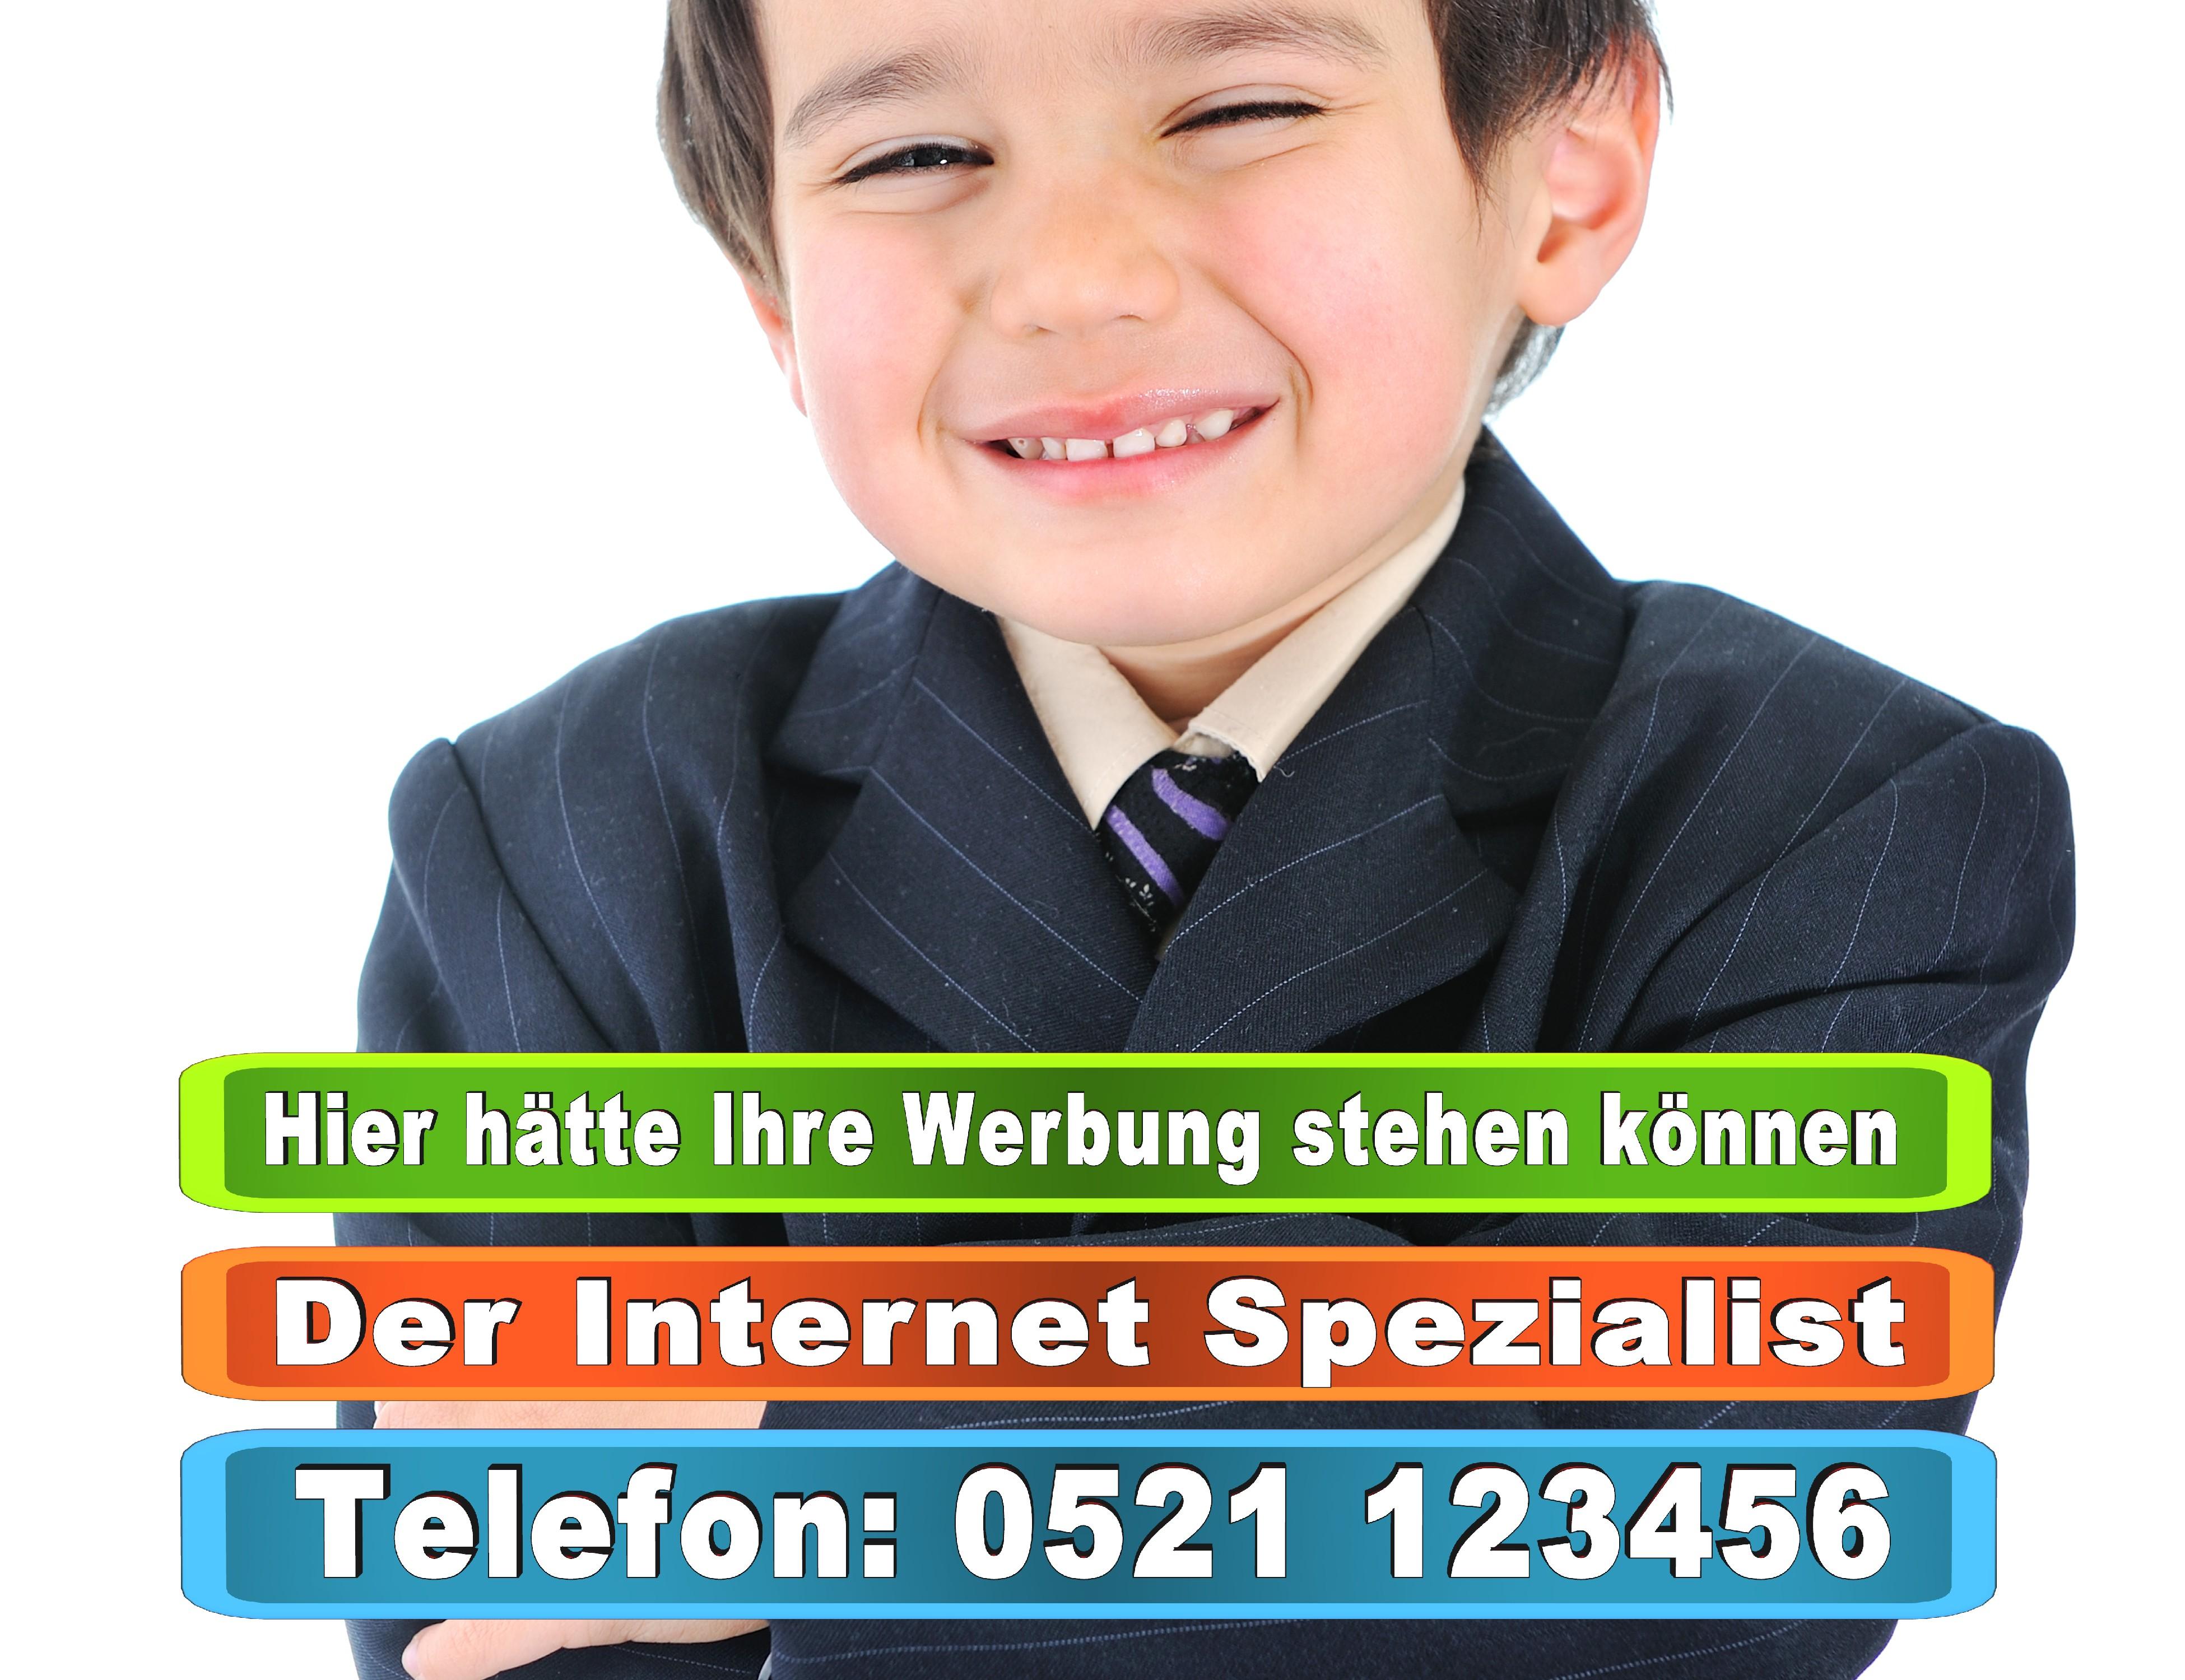 Bielefeld Werbung Werbeanzeigen Zeitungen Bielefeld OWL NRW Demonstrationen Polizei Bielefeld Kleinanzeigen Bielefeld Berlin Hamburg Köln (9)